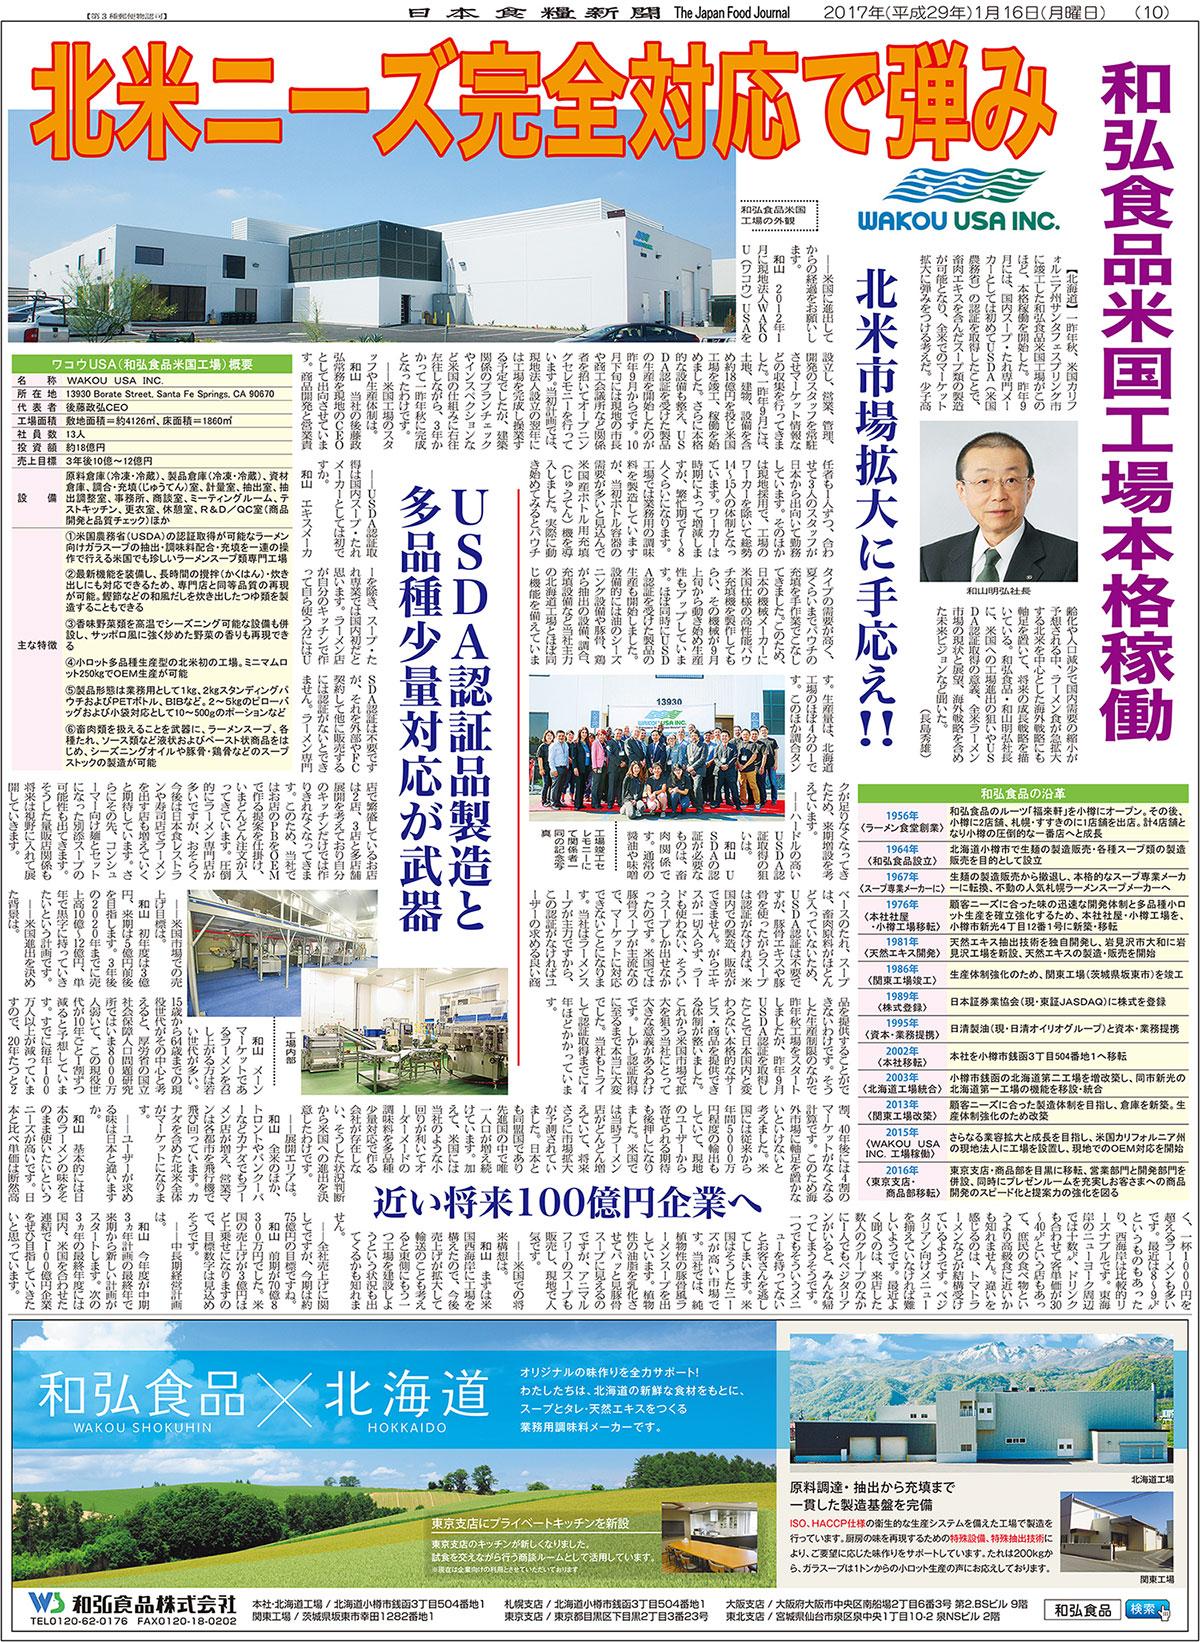 日本食糧新聞 WAKOU USA 記事